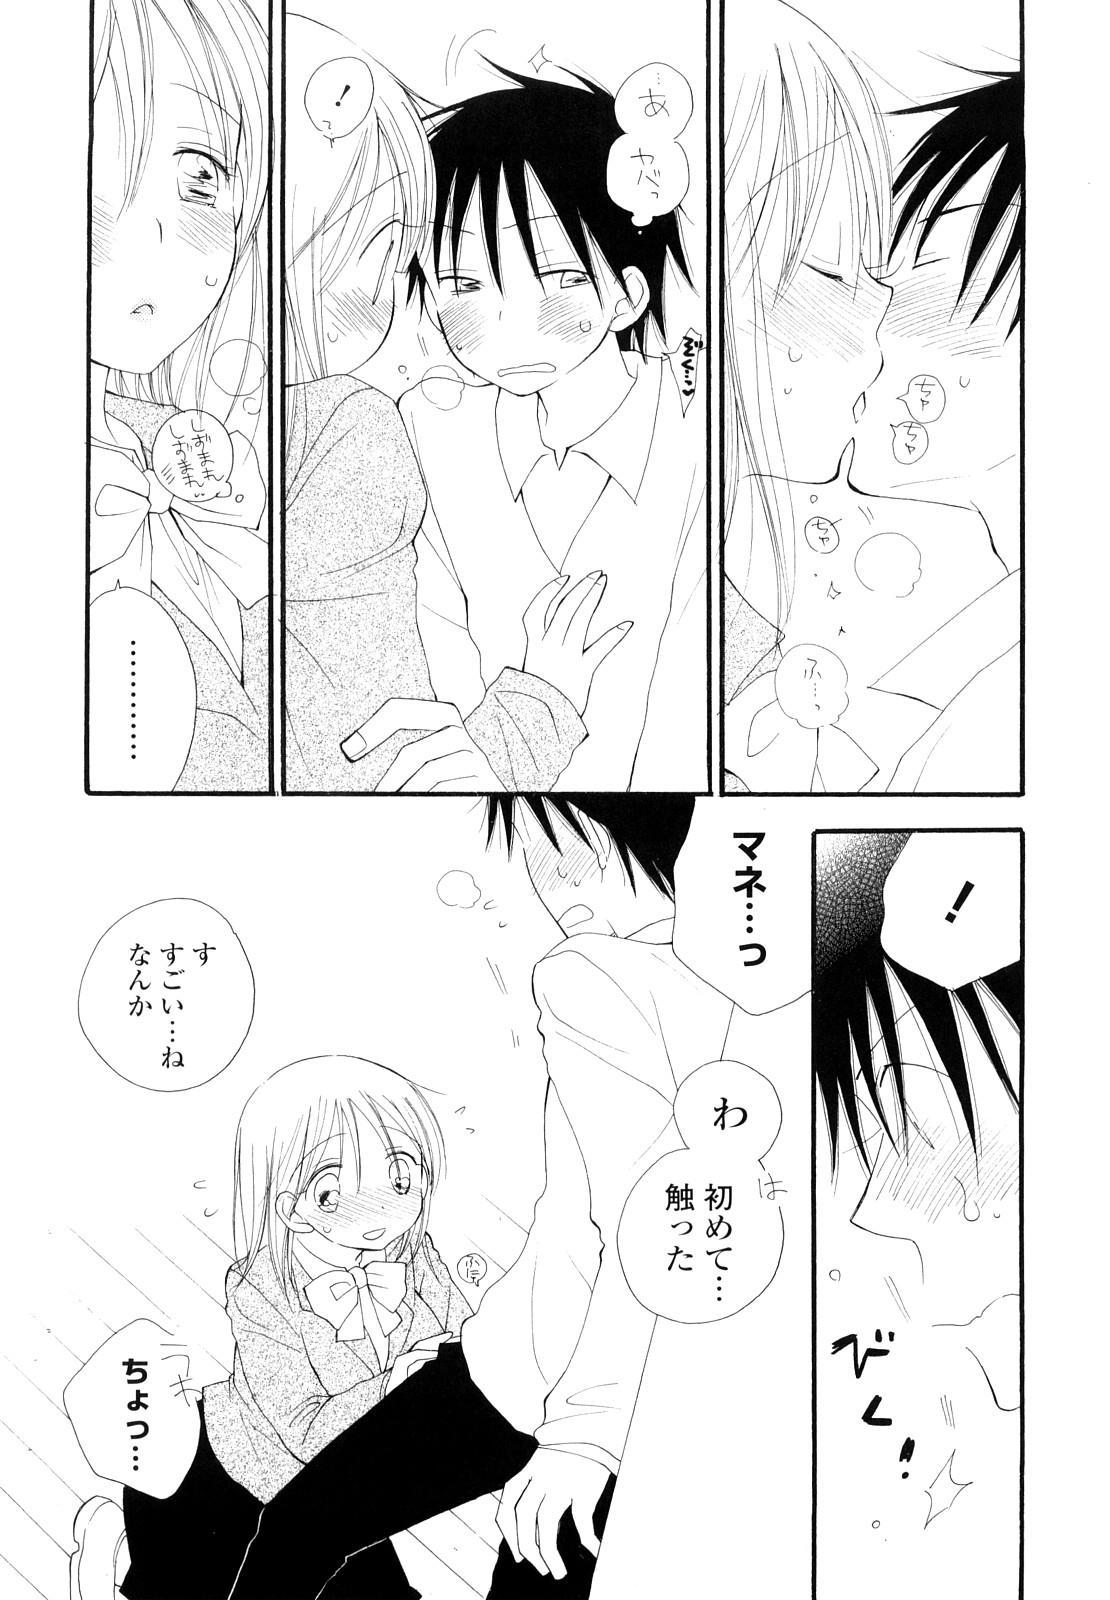 Houkago Nyan Nyan 165